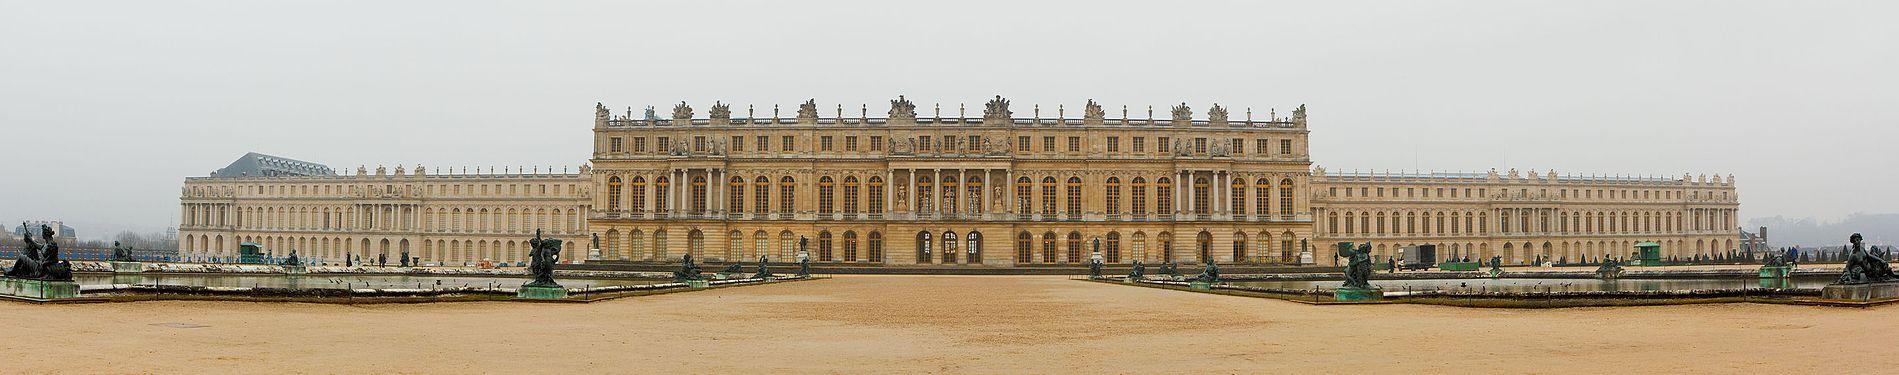 Reggia di versailles wikipedia - Photos du chateau de versailles et ses jardins ...